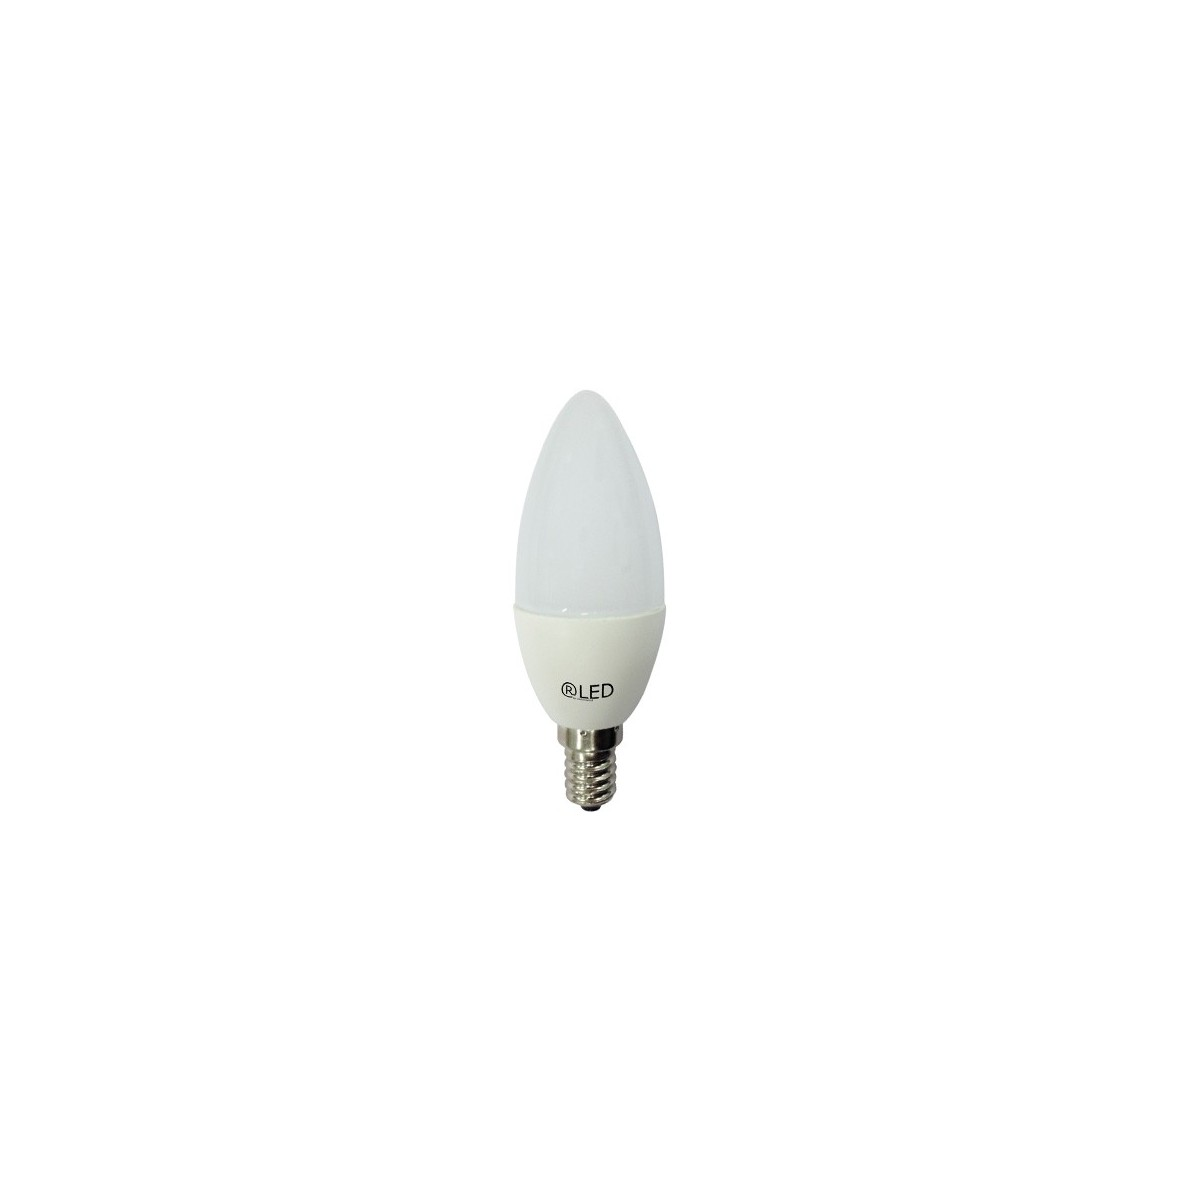 LED Candle Bulb C37 E14 6W 4200K